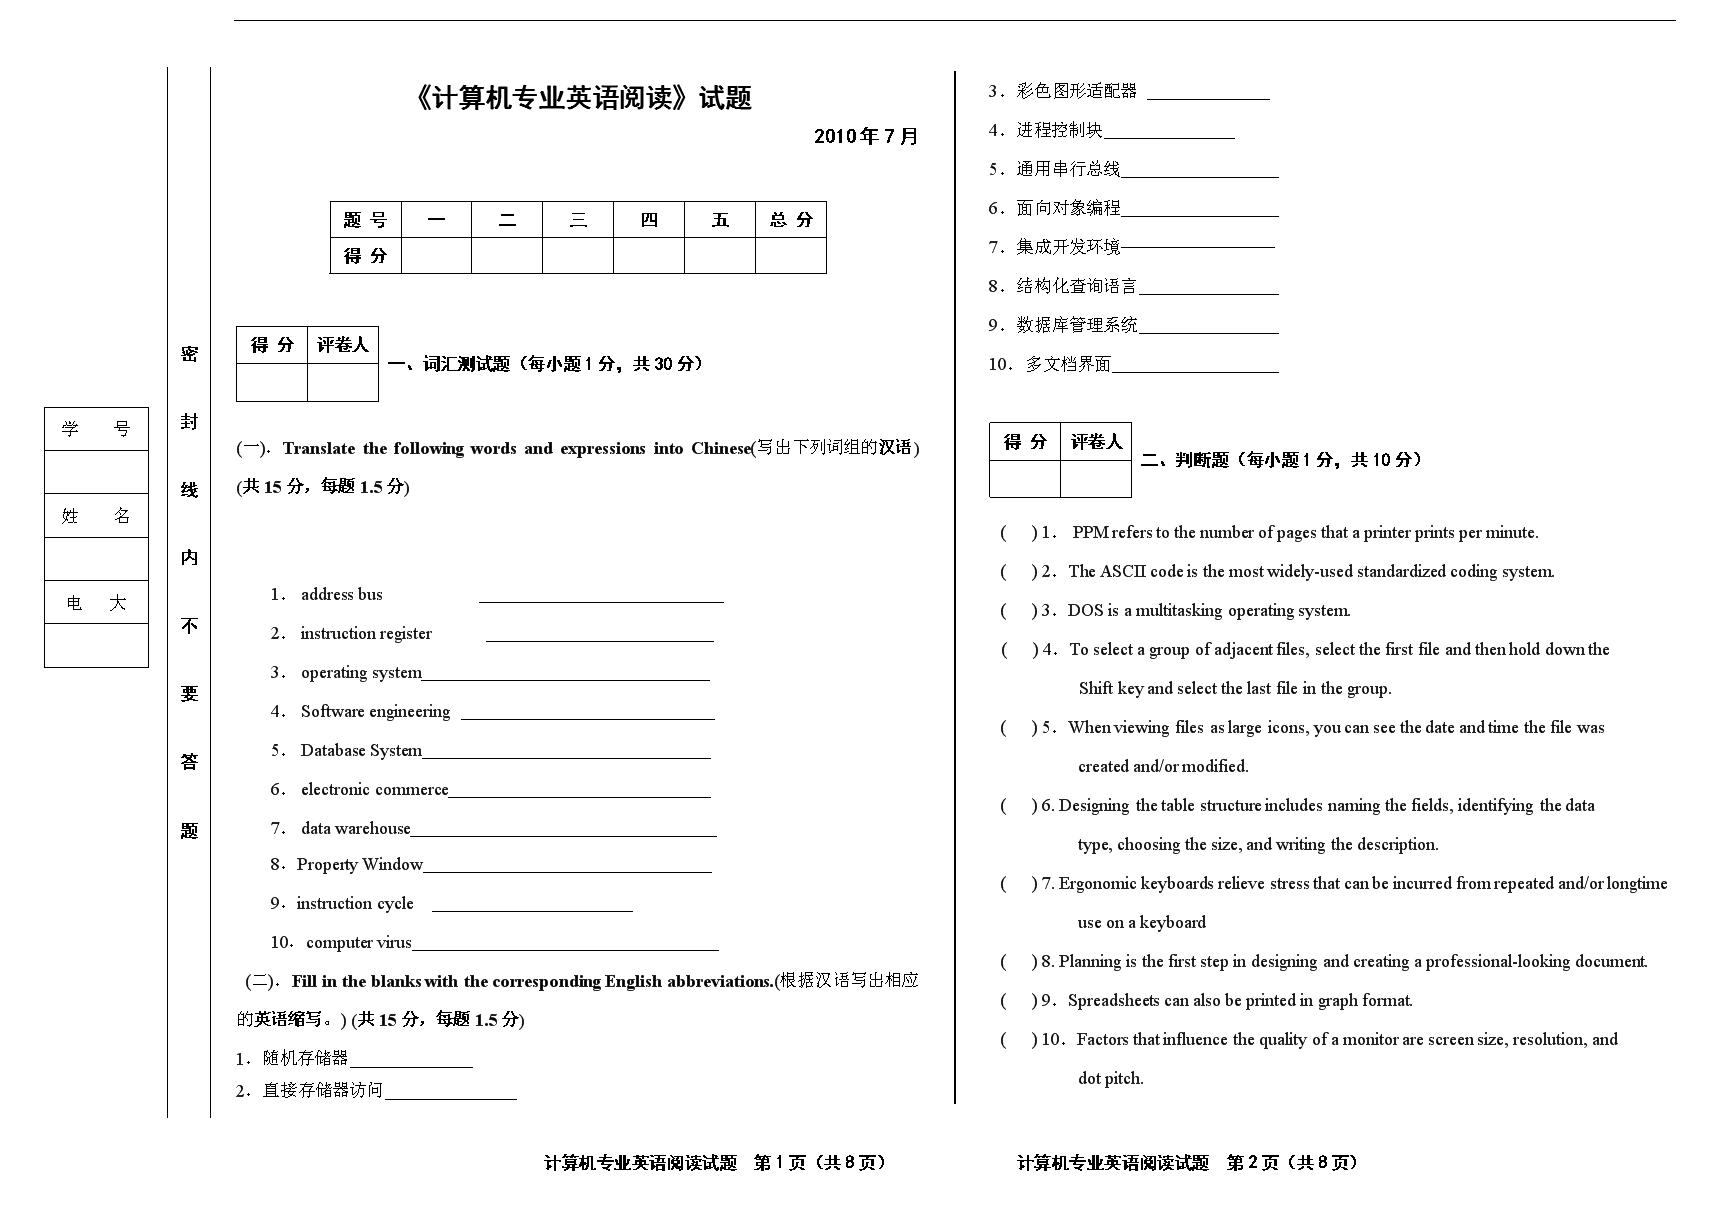 《計算機專業英語閱讀》試題.doc